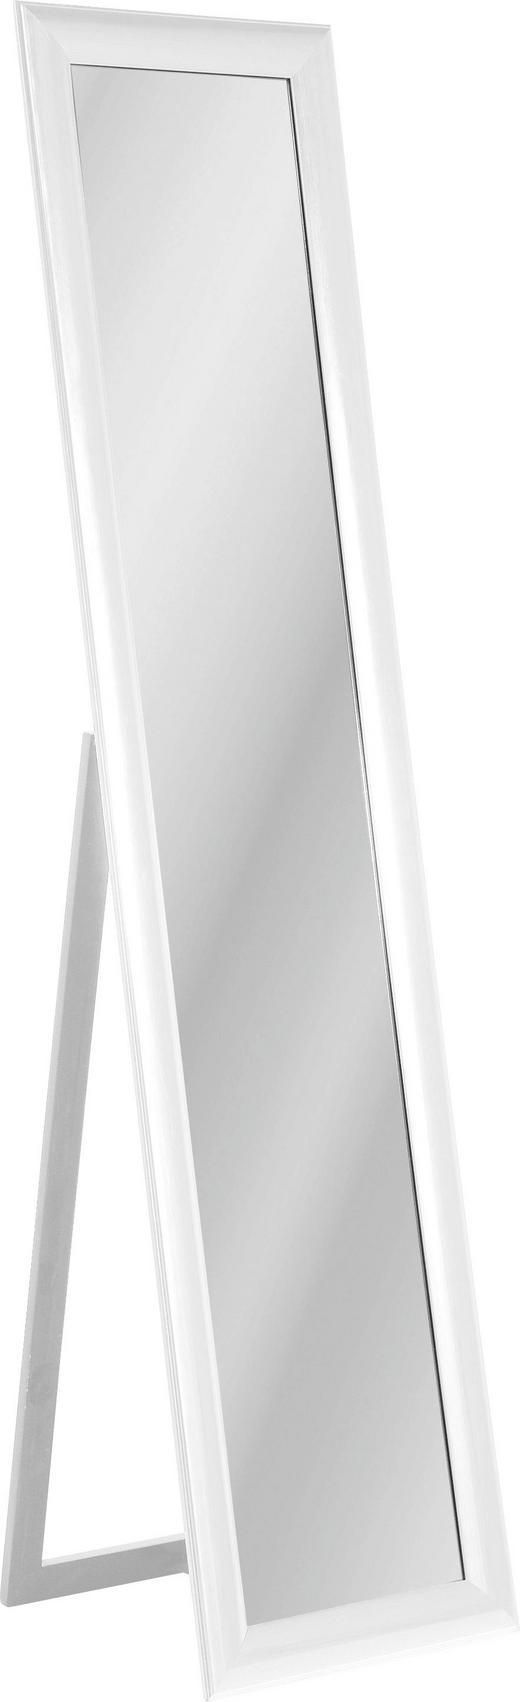 STANDSPIEGEL - Weiß, Design, Glas/Holzwerkstoff (40/170/40cm) - Kare-Design